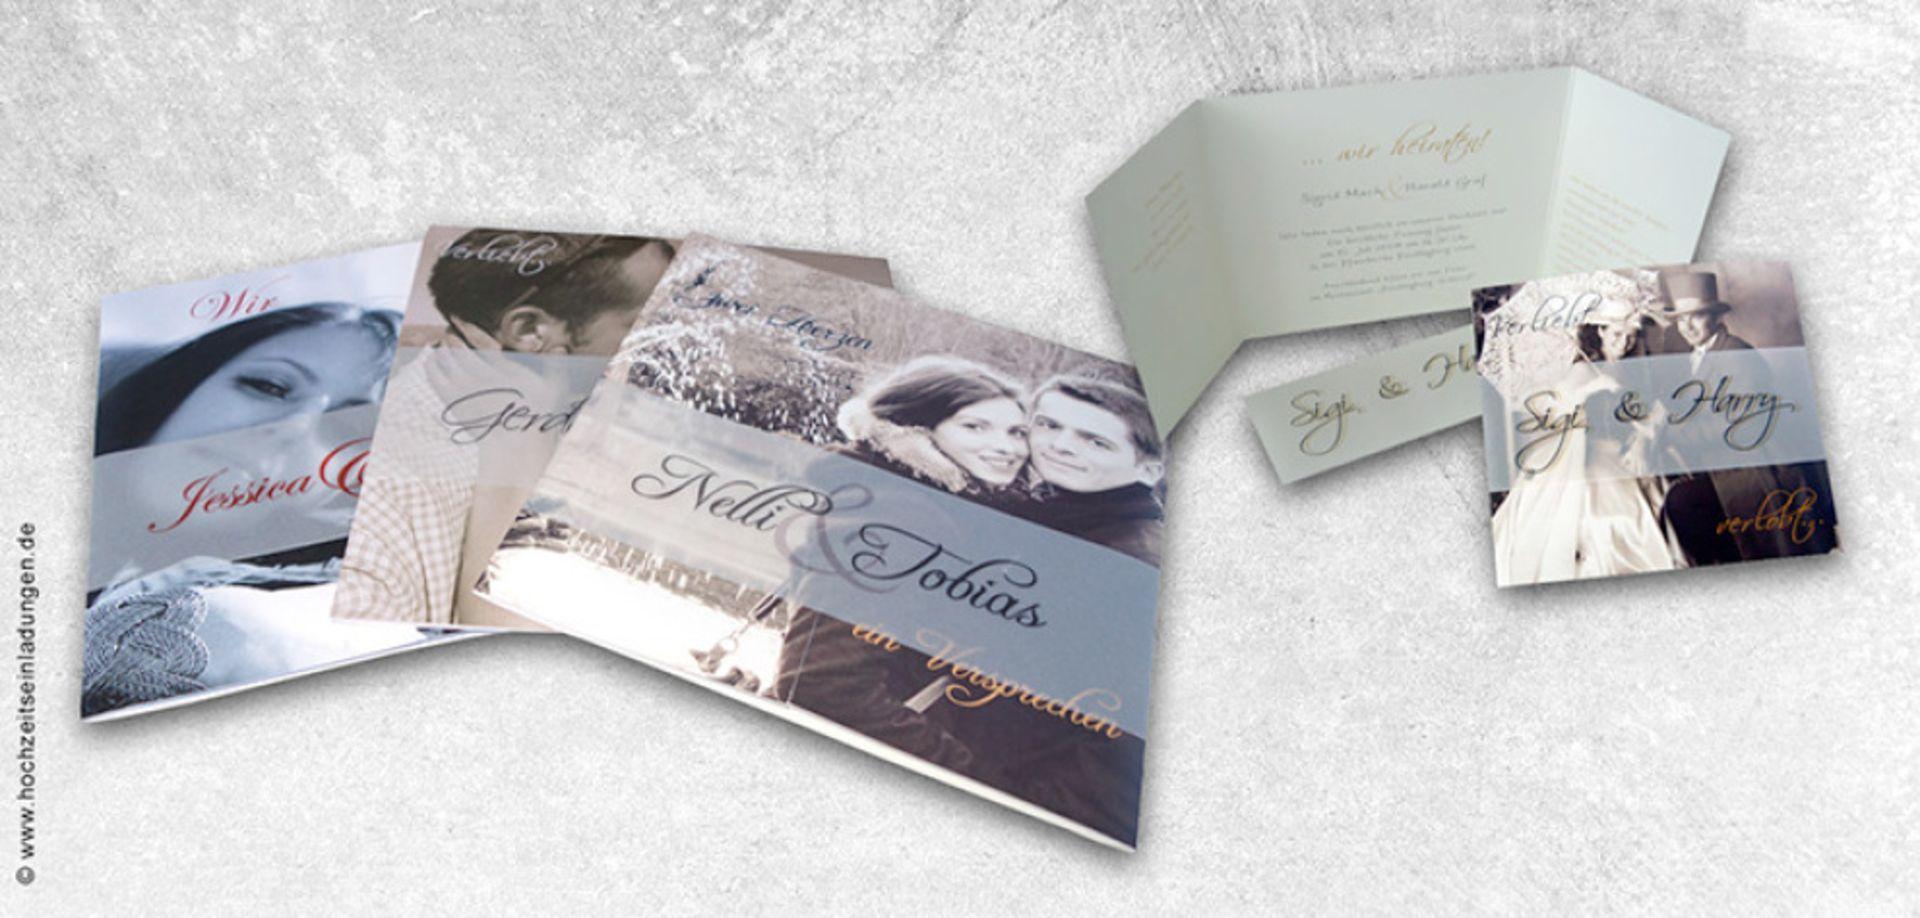 Hochzeitseinladungen Mit Persönlichen Bildern Versprühen Einen Ganz  Besonderen Charme. Deshalb Finden Sie Bei Uns Abwechslungsreiche